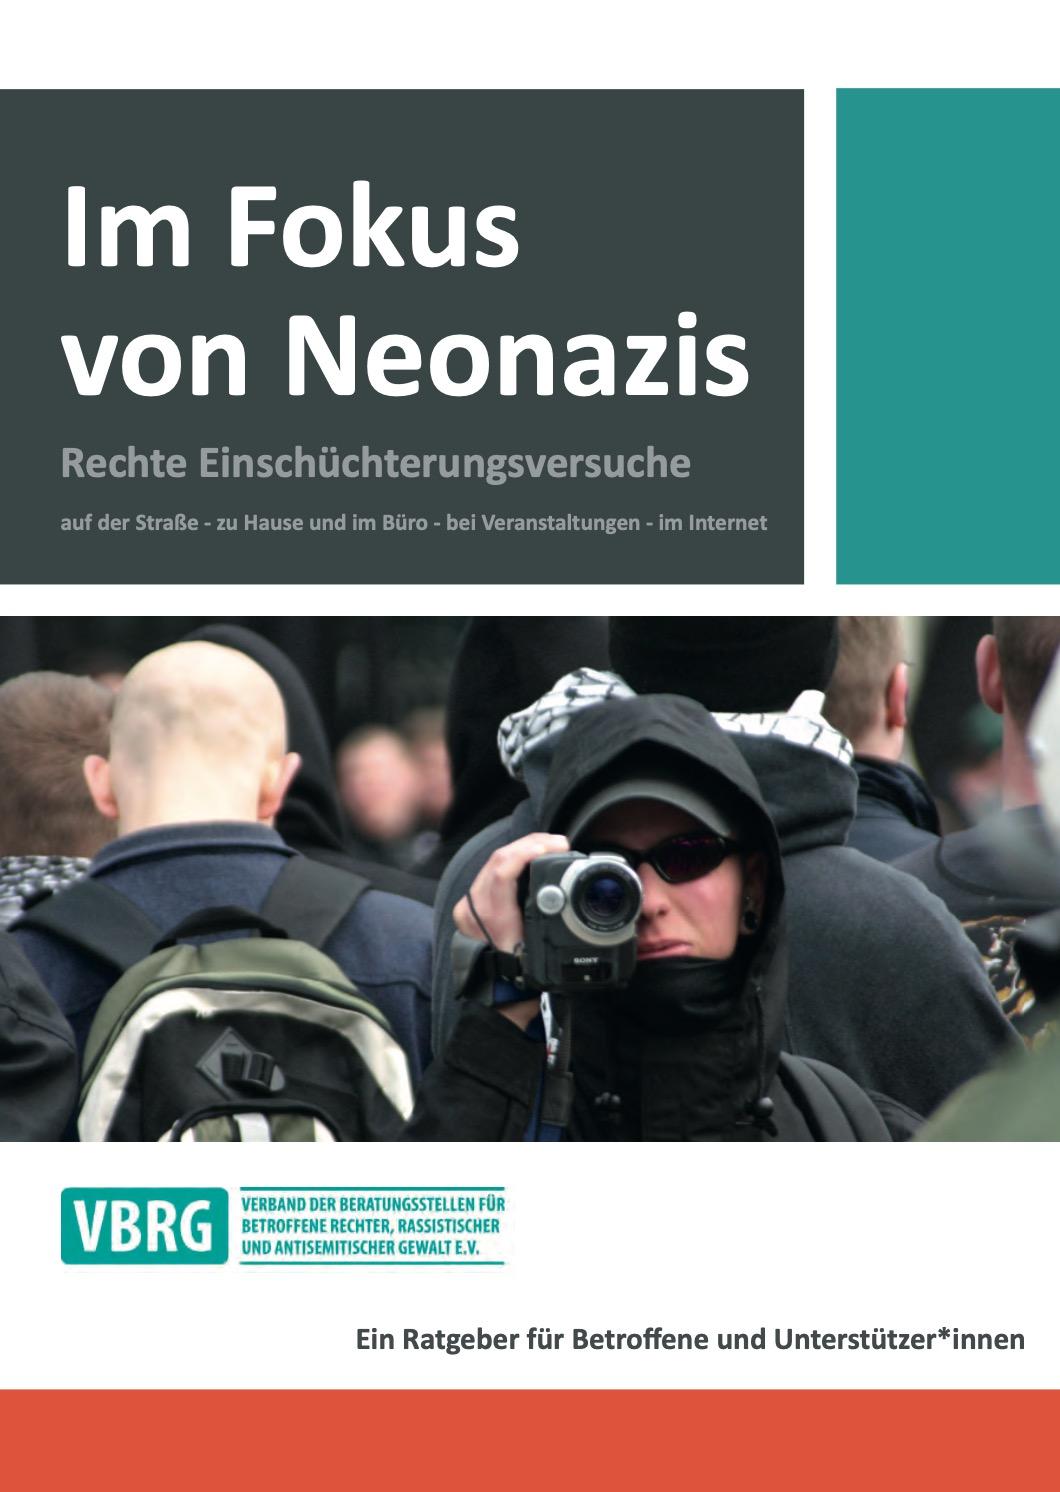 Im Fokus von Neonazis – Rechte Einschüchterungsversuche